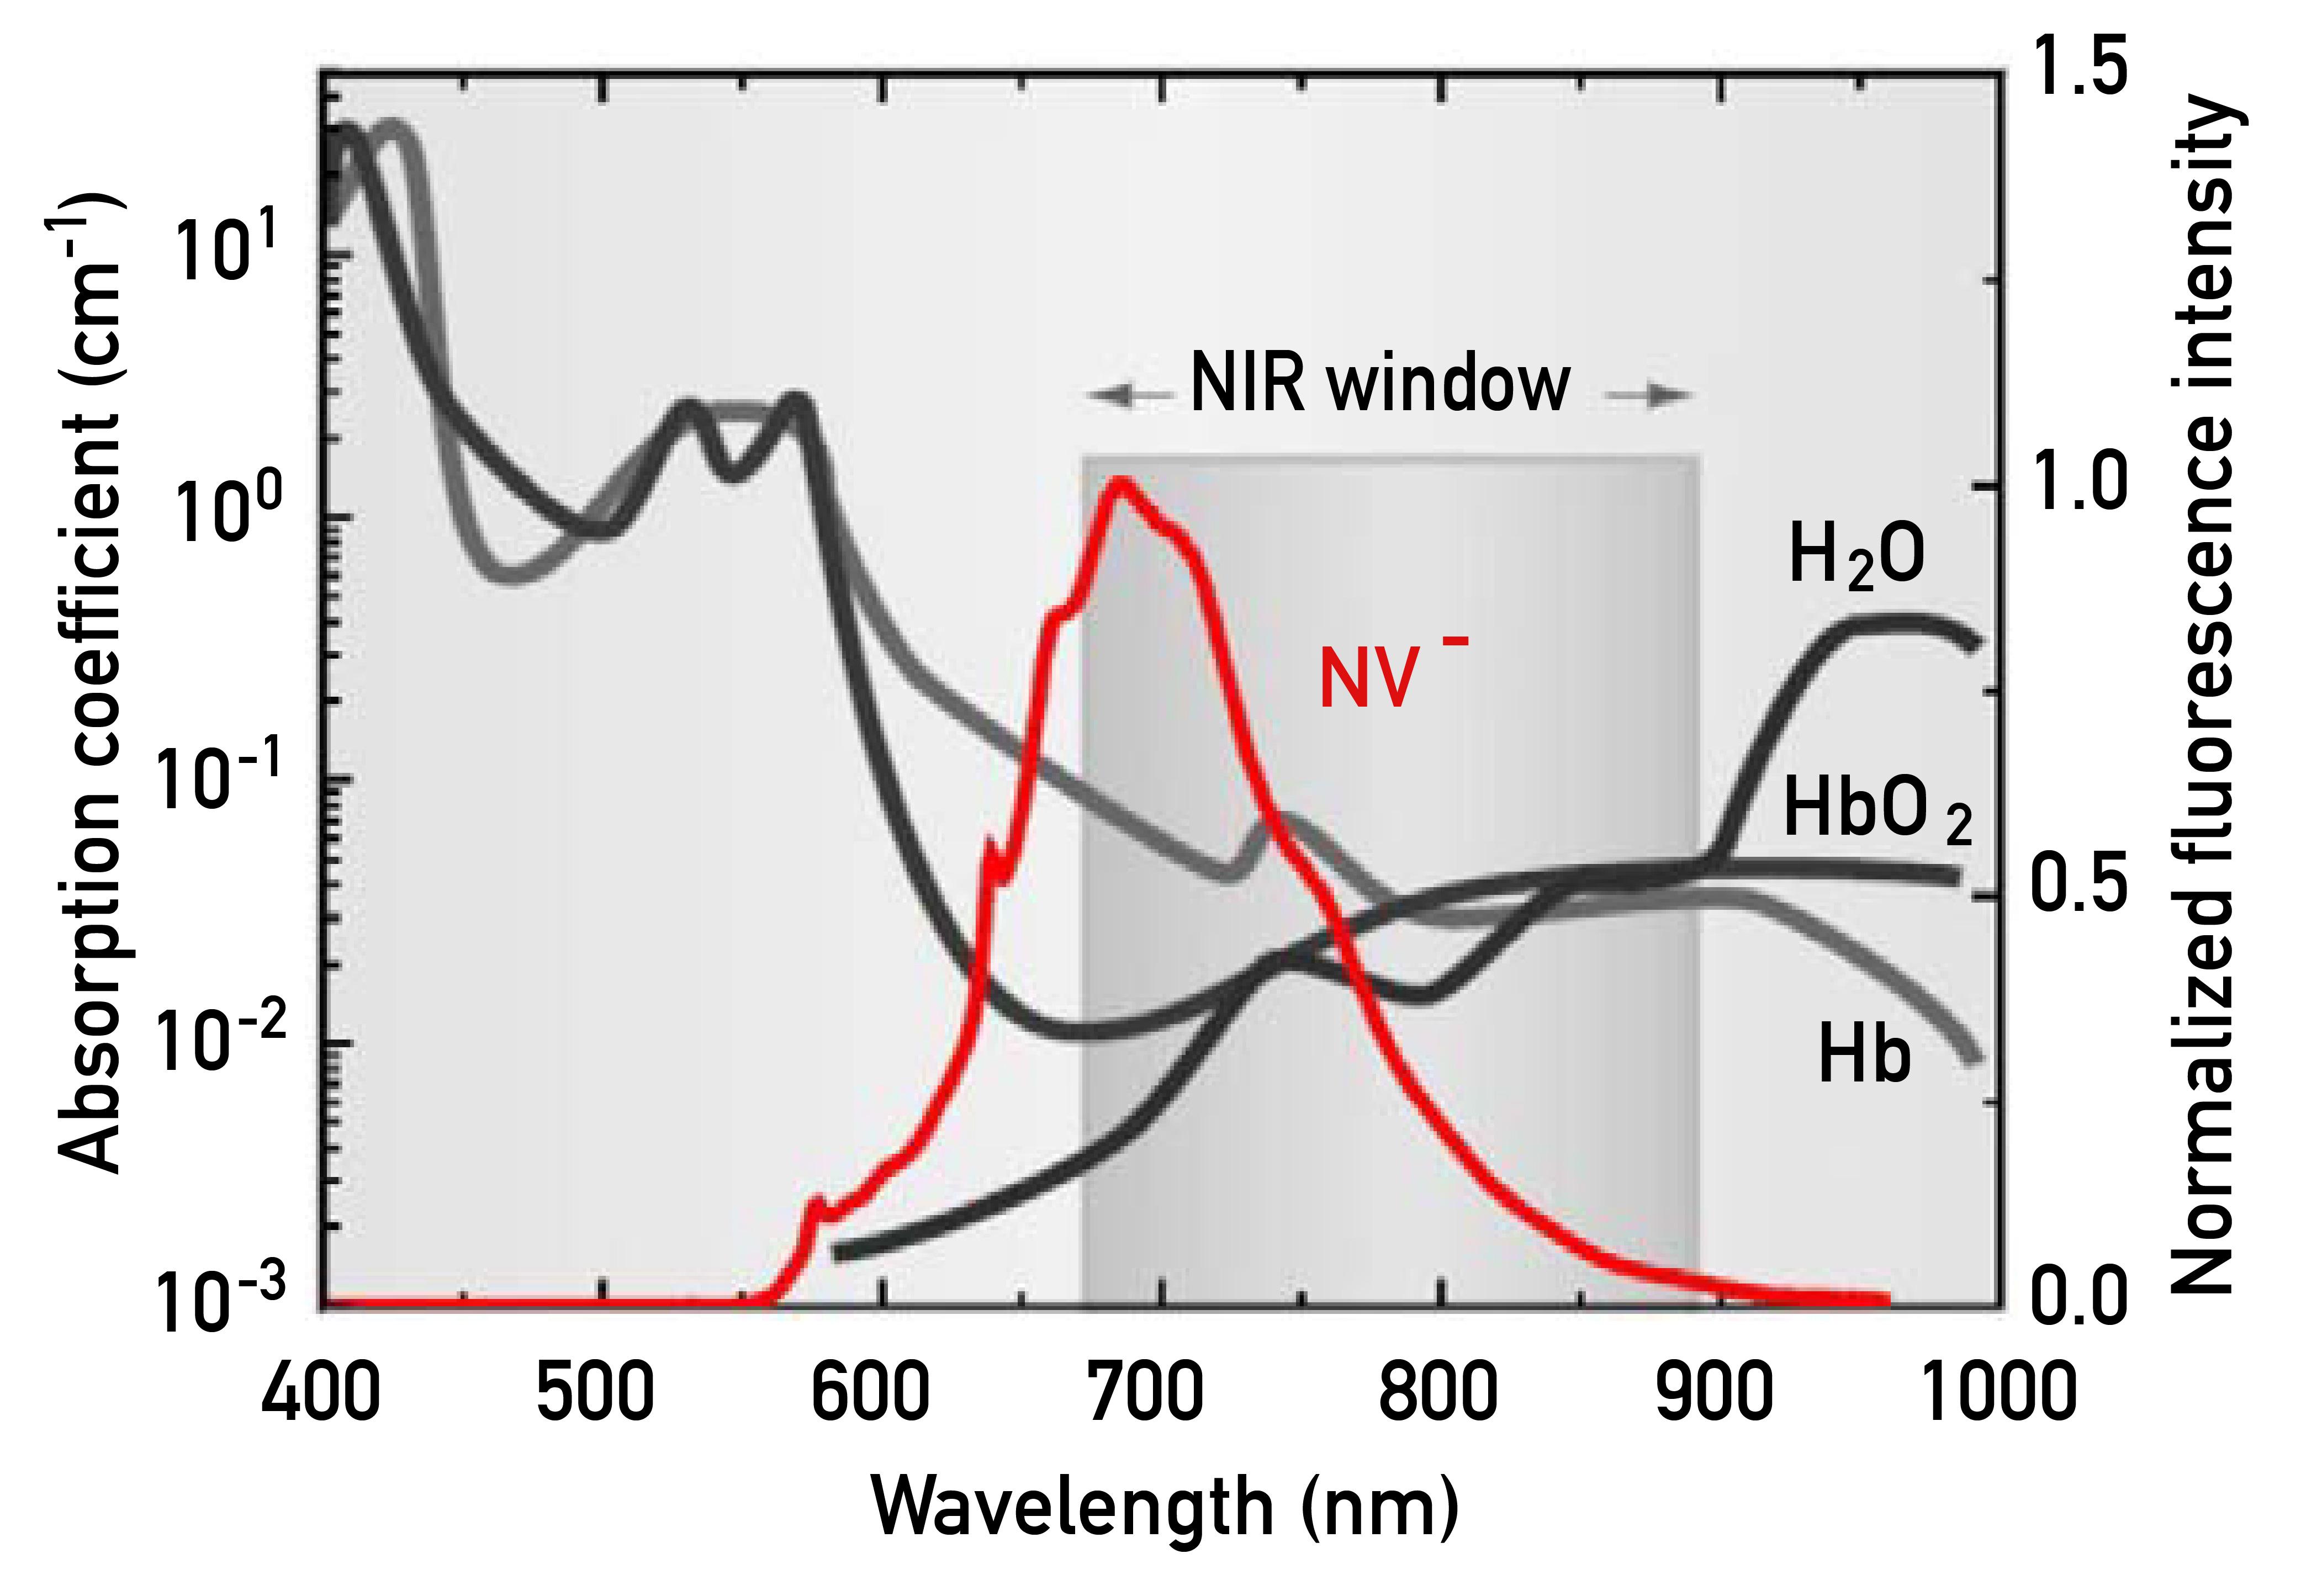 圖片中的「生物組織近紅外窗口(NIR Window)」,這段波長範圍剛好躲掉了人體血液、組織及水份的吸收帶,讓光能夠抵達人體深處。而螢光奈米鑽石發出的紅光(紅色曲線),波長大約 700 nm,可穿透生物組織,適合用於活體成像。 資料來源│〈螢光奈米鑽石〉,作者:張煥正